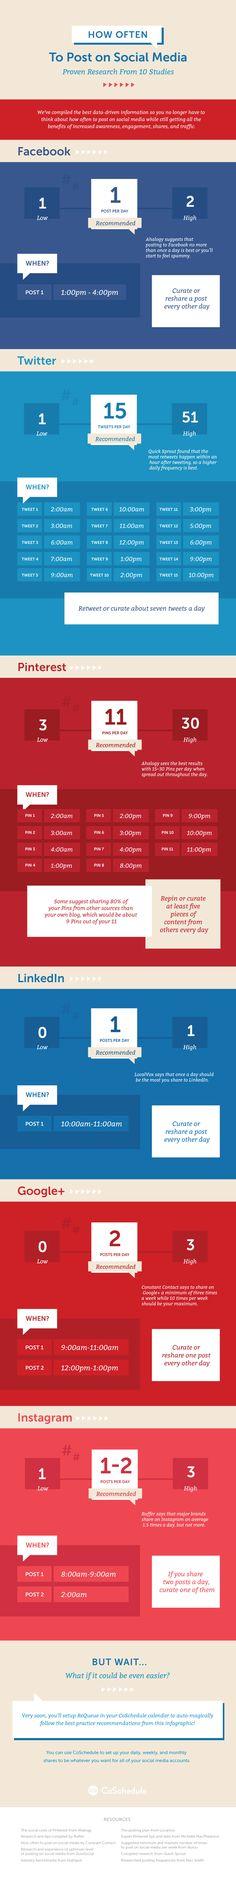 Here's How Often To Post On Social Media